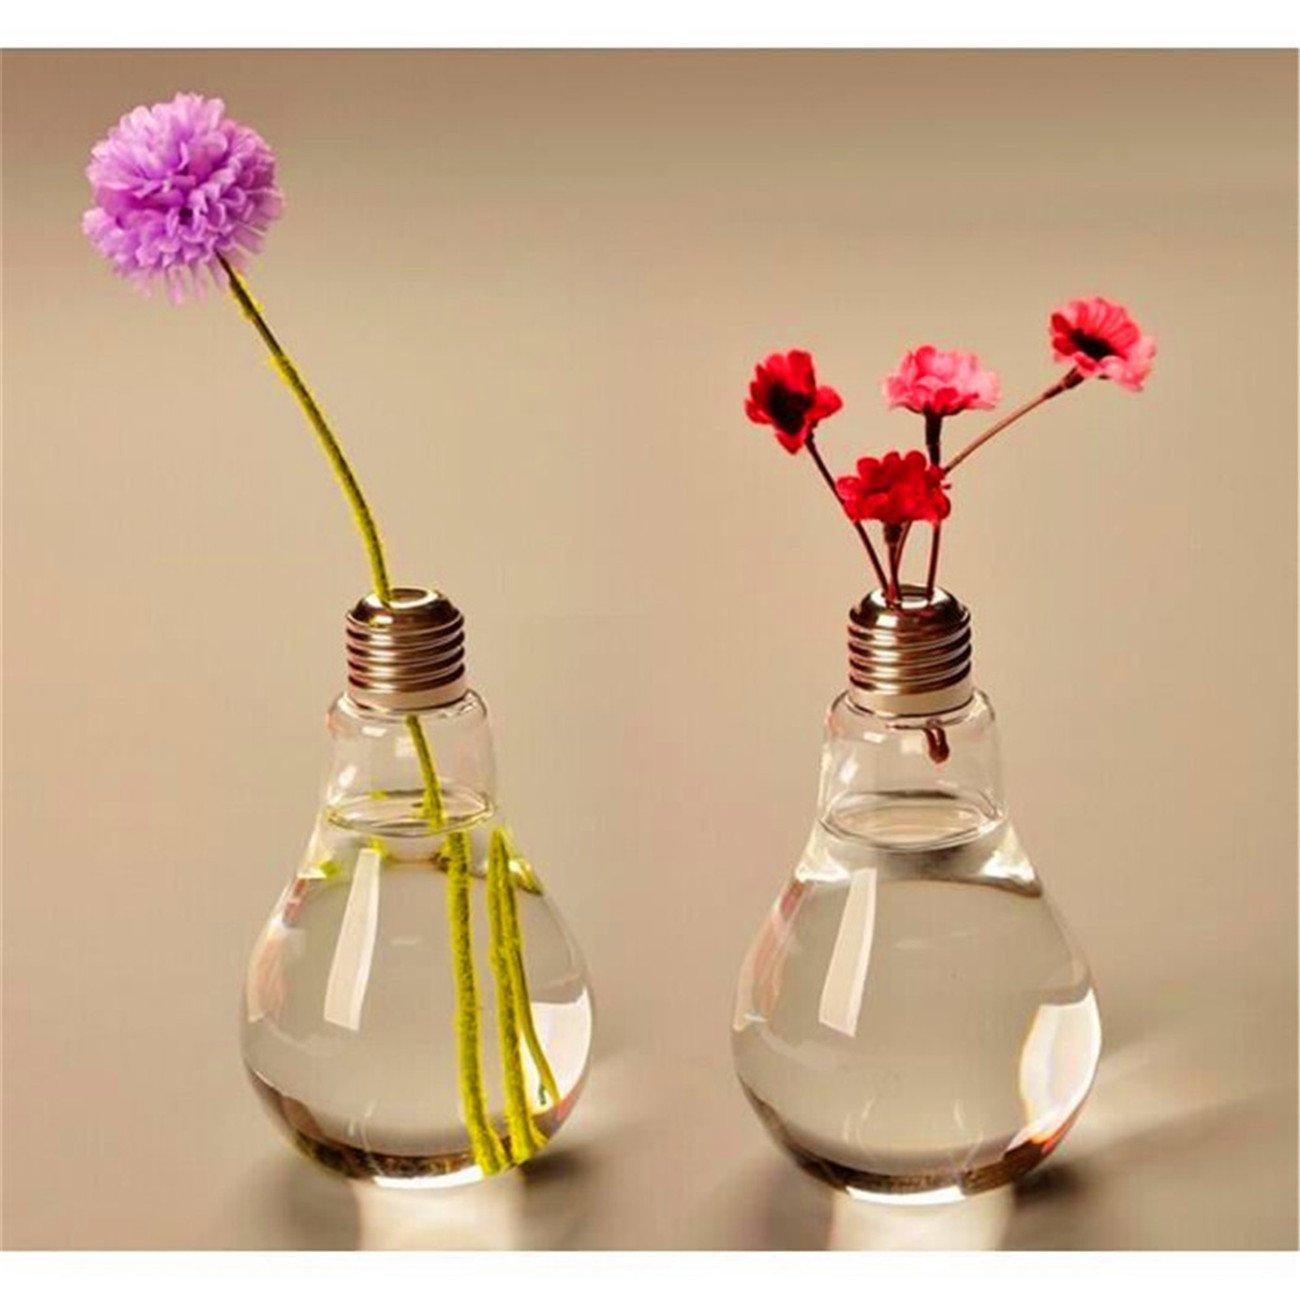 drawihi cristal claro jarrón flores planta bombilla forma ...